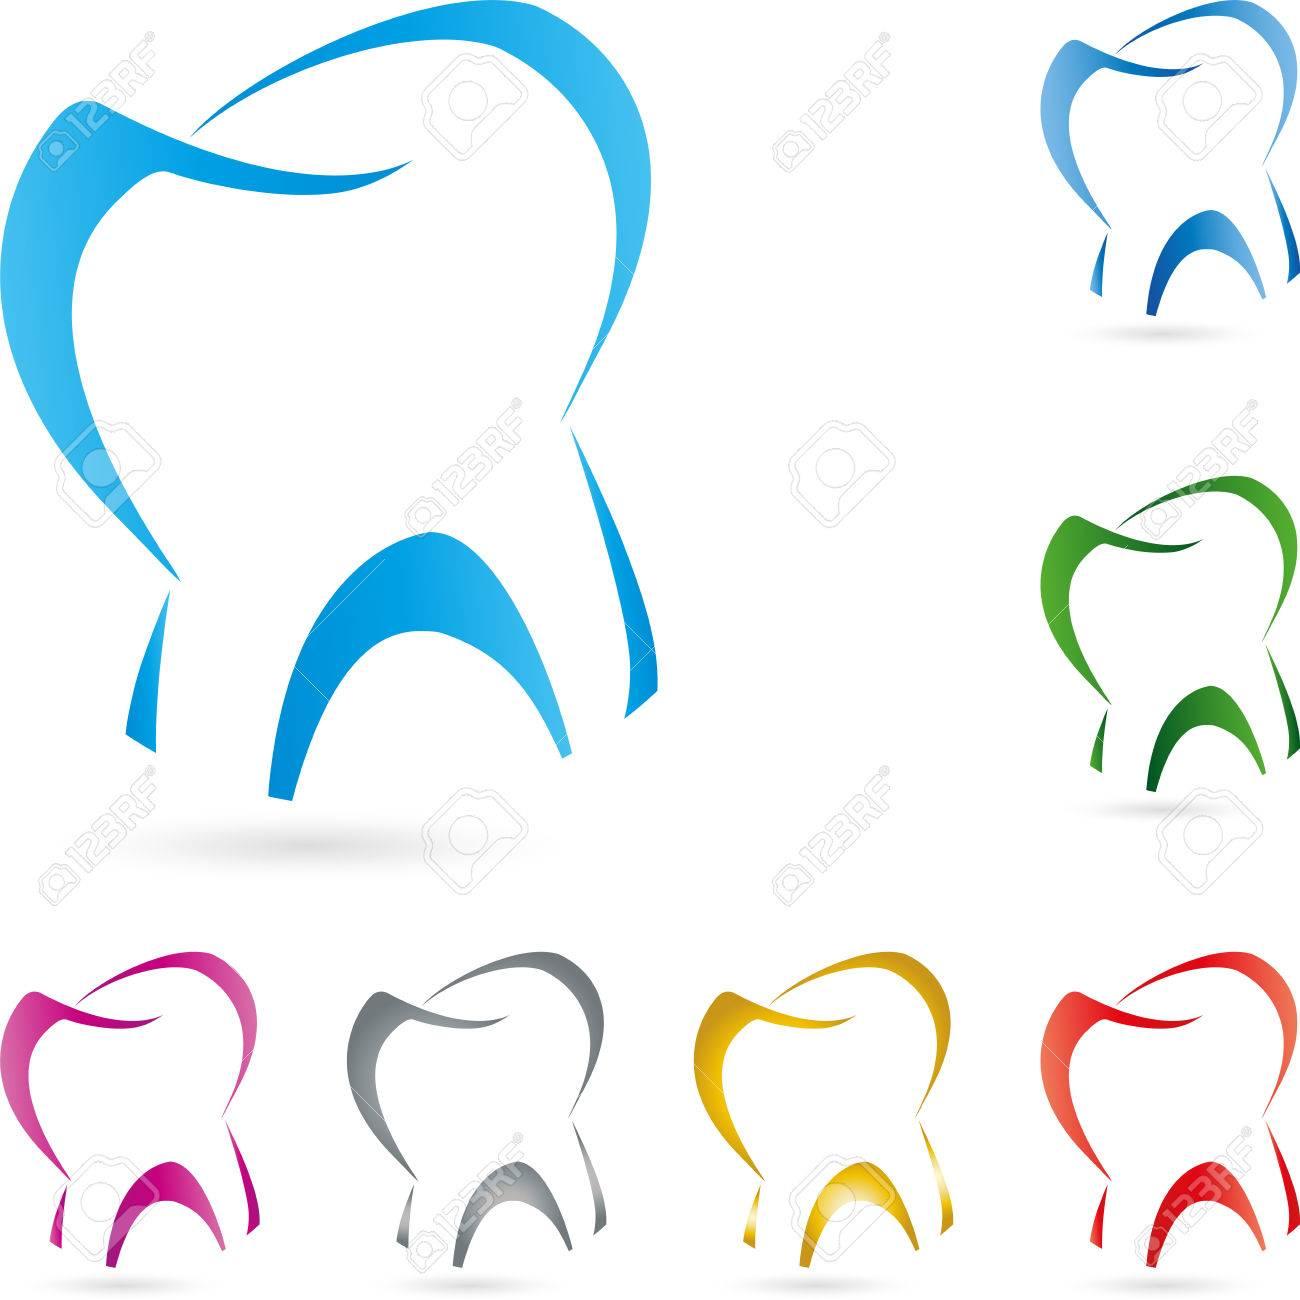 歯医者コンセプトの歯イラストのイラスト素材ベクタ Image 60748817